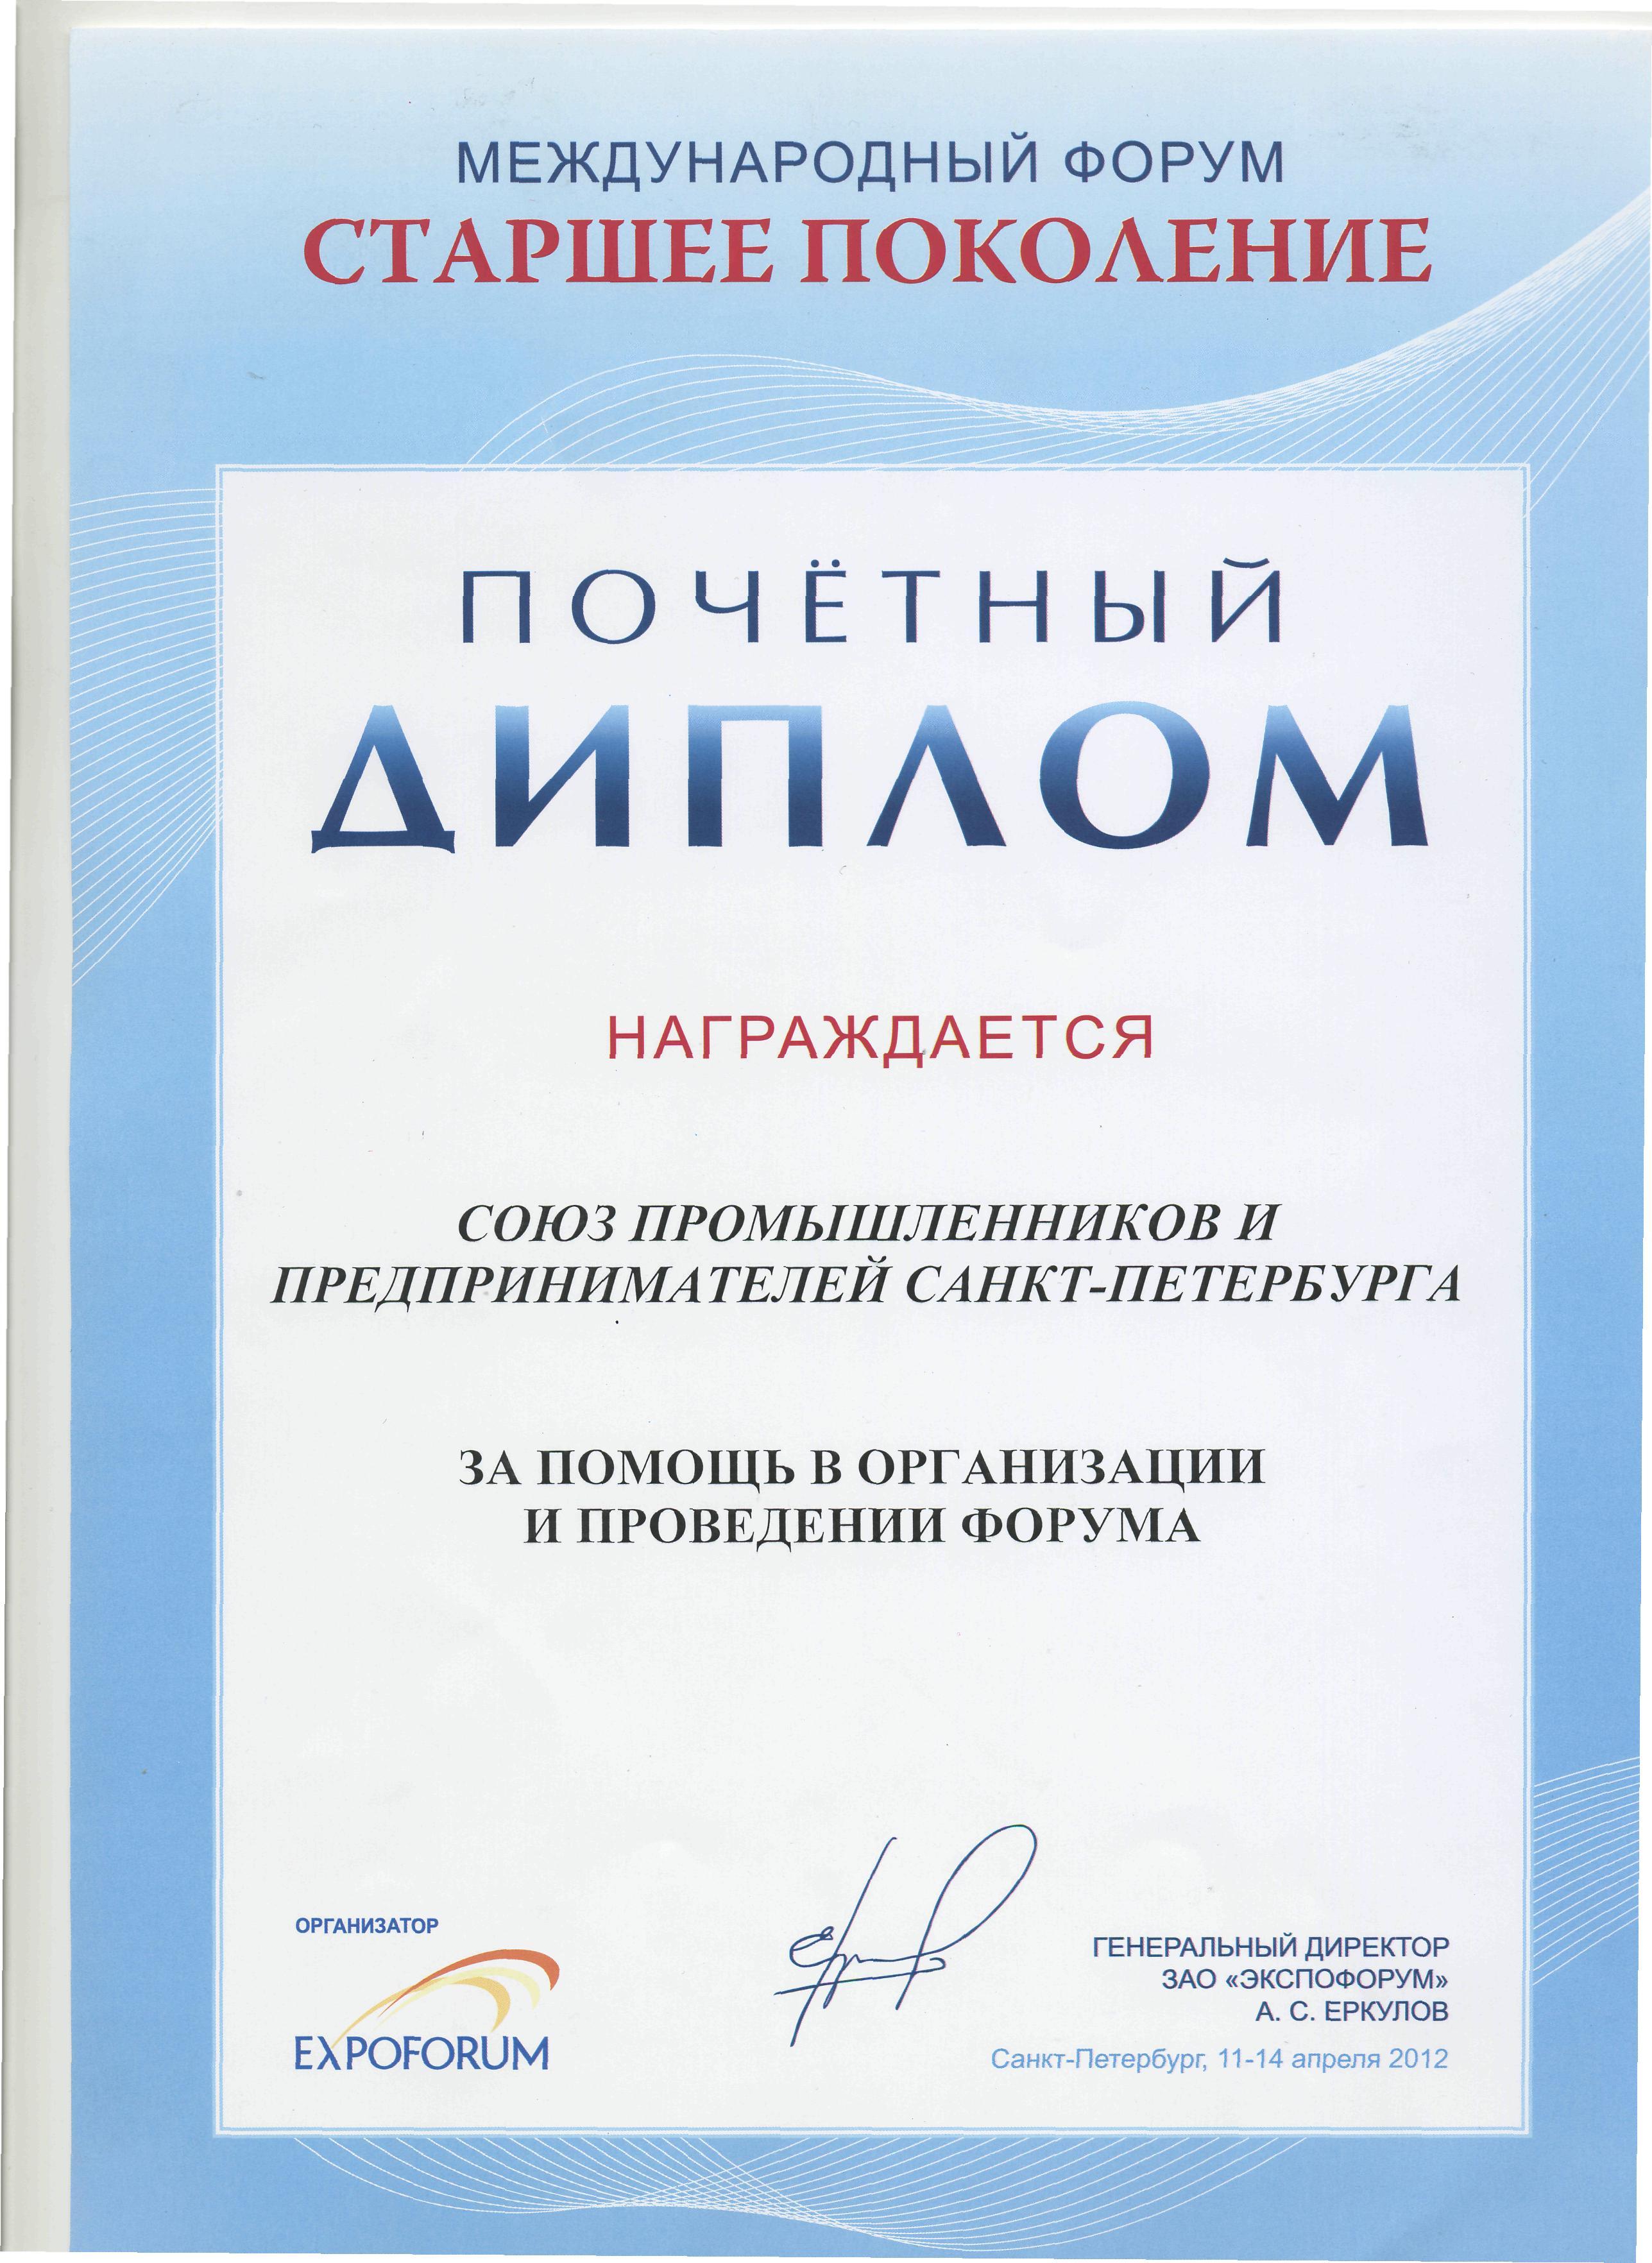 Награды благодарности Союз промышленников и предпринимателей  Почетный диплом за помощь в организации и проведении форума от ЗАО